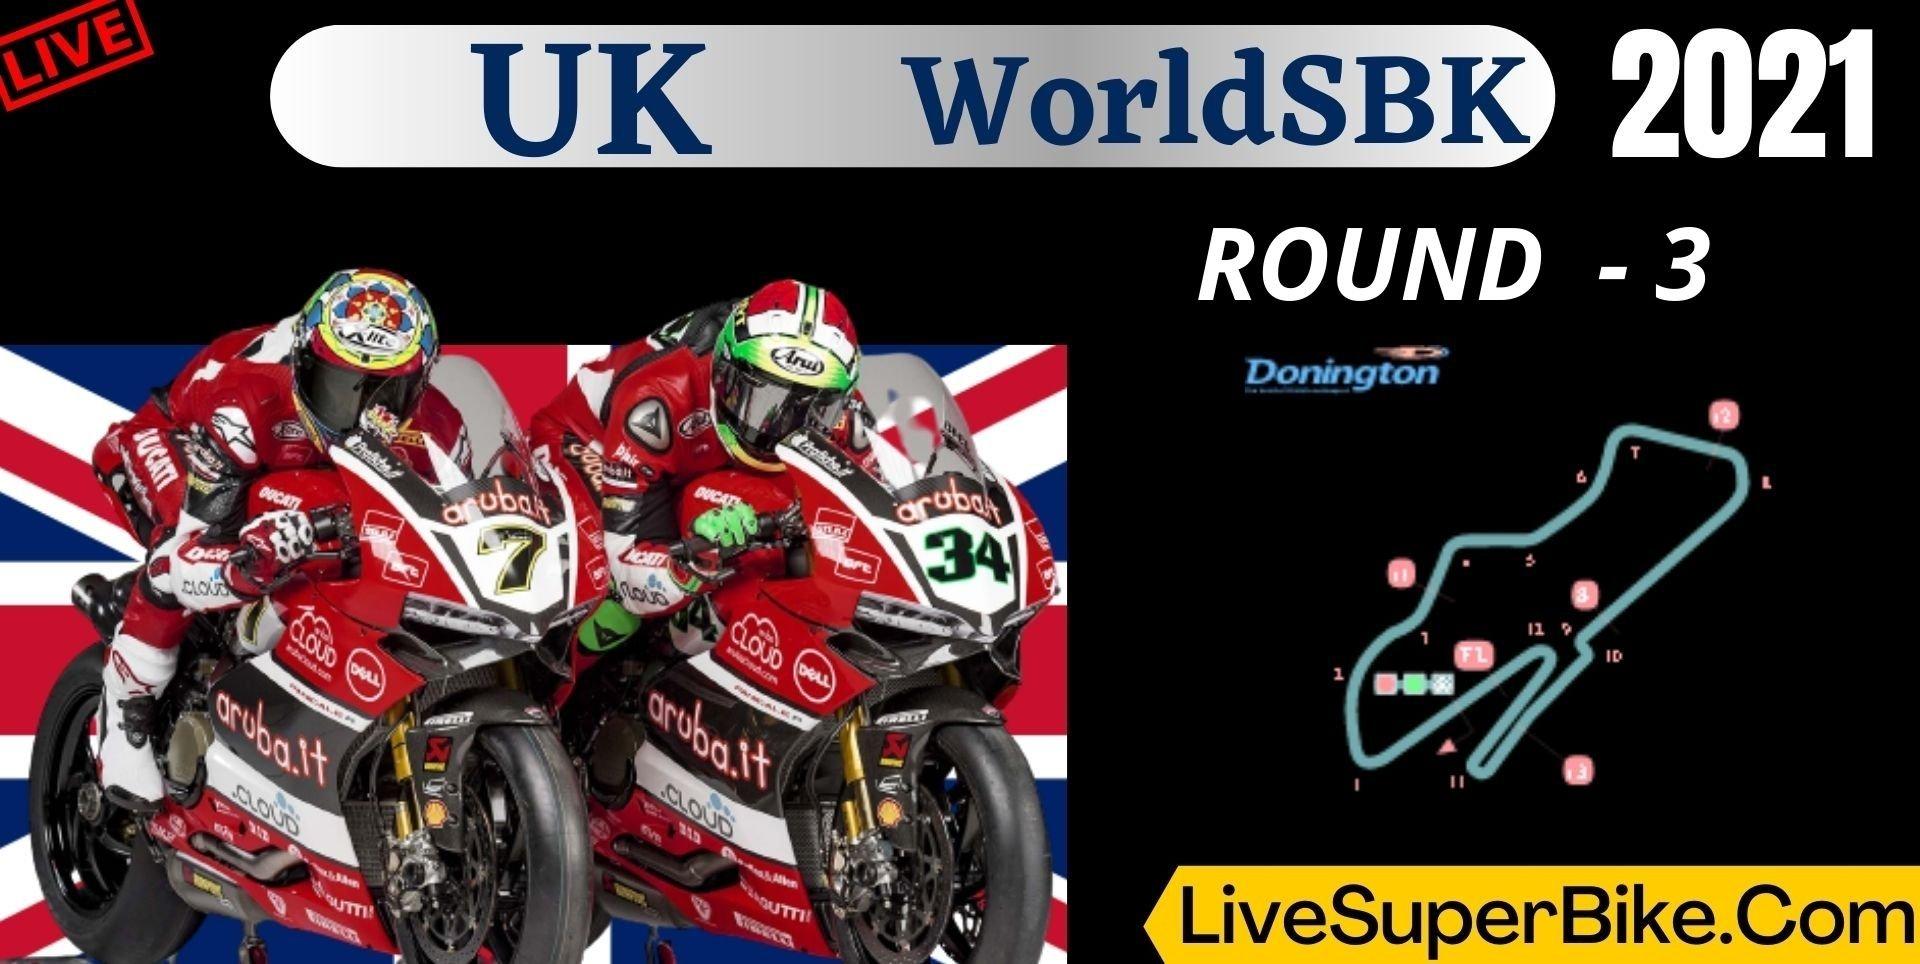 UK Round 3 Live Stream 2021 | WorldSBK